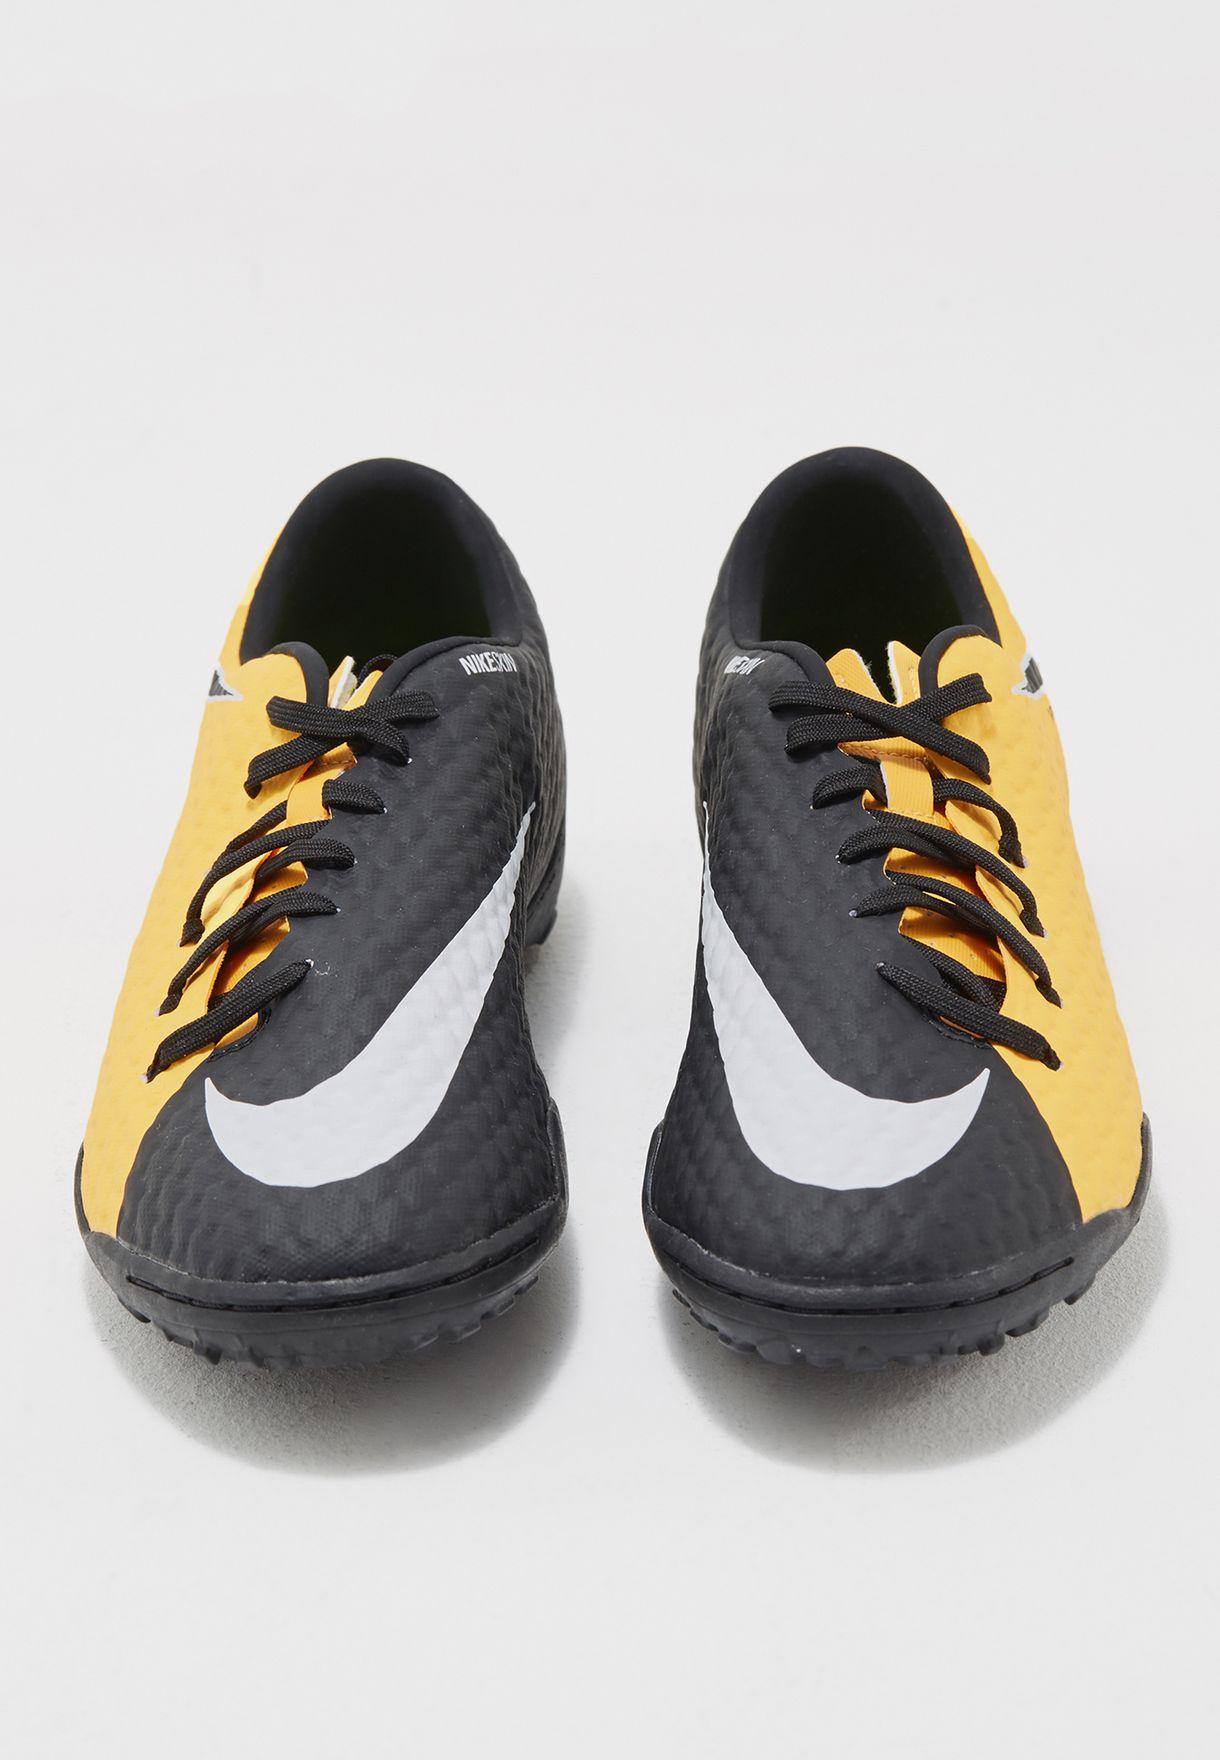 حذاء هيبرفينوم اكس فيلون III تي اف